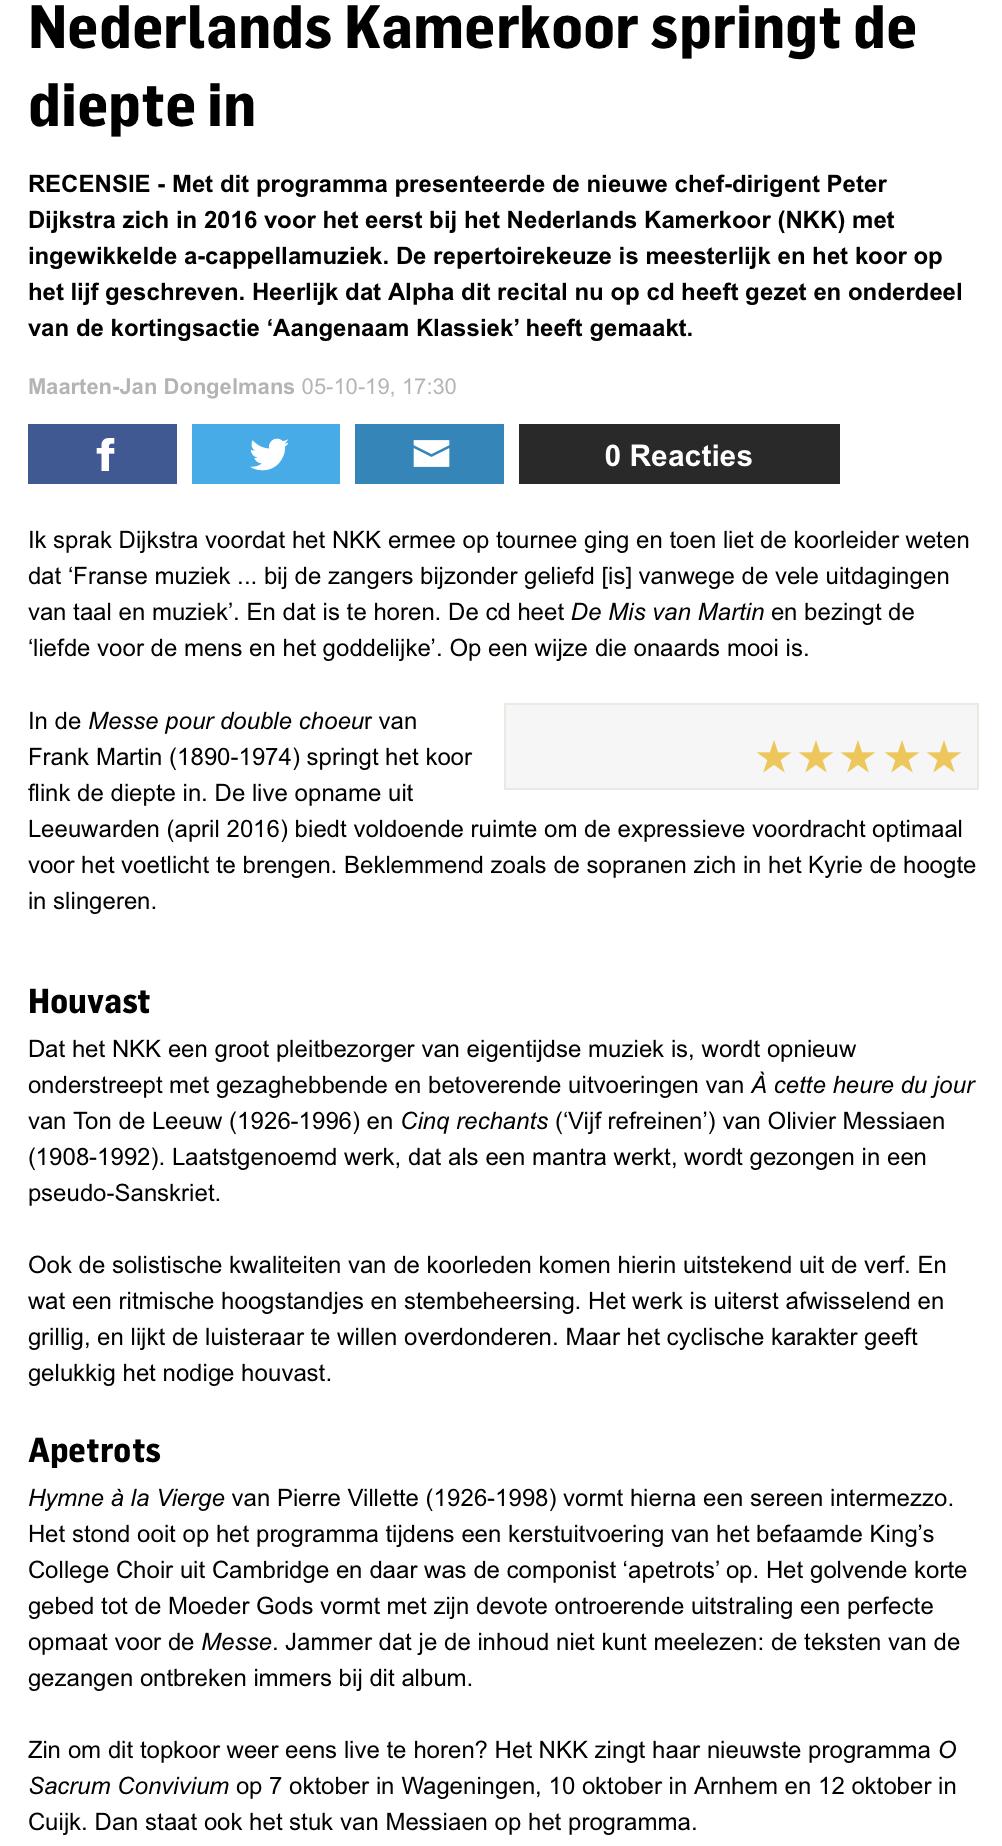 2019-10-05 De Gelderlander - NKK (cd rev